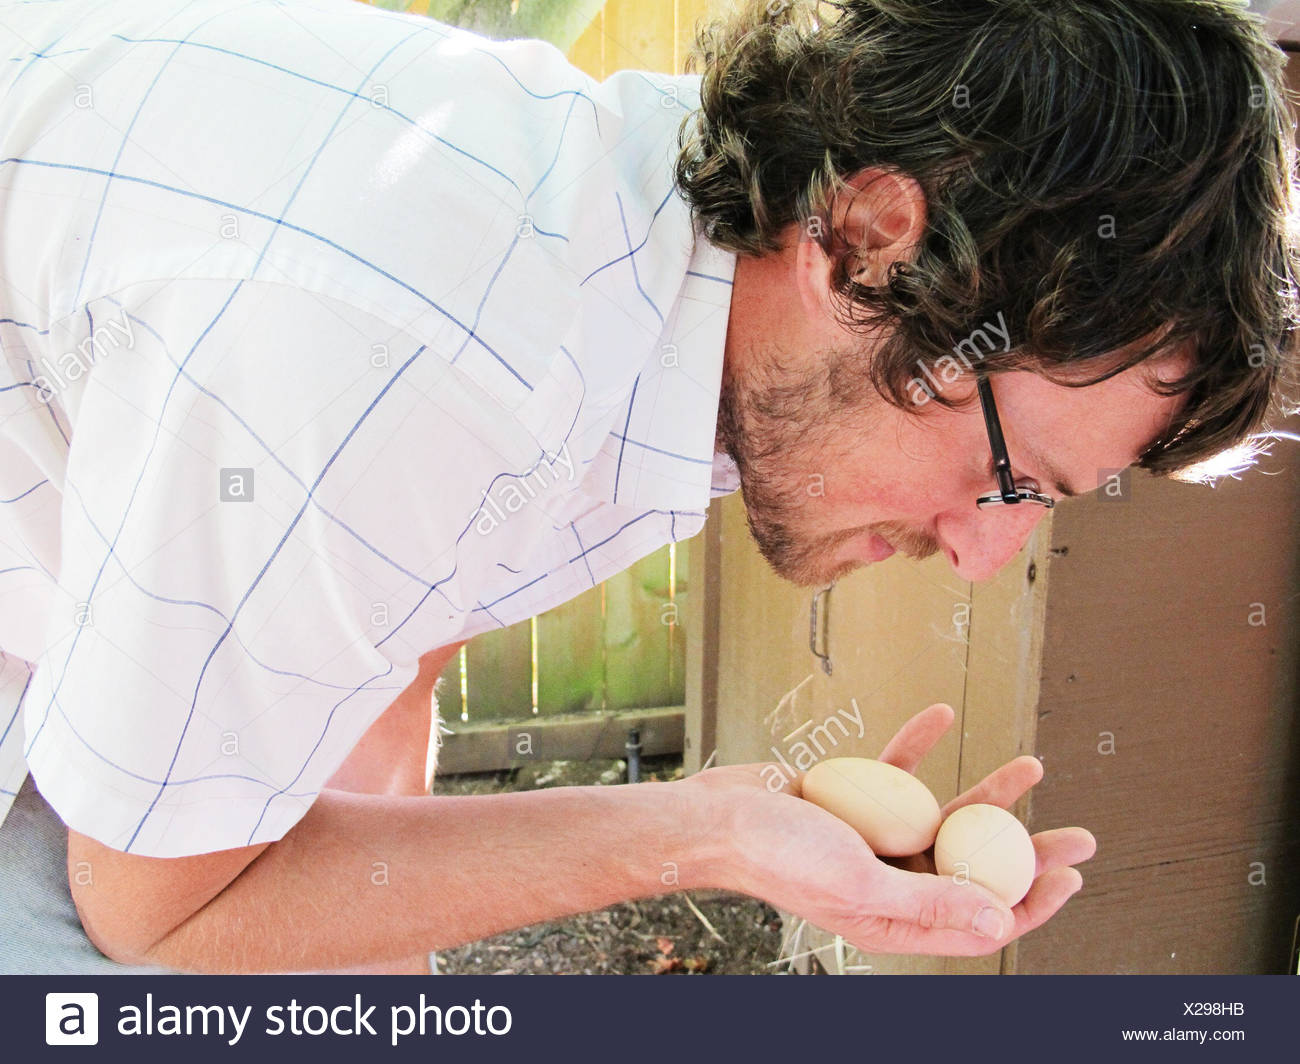 Menschen sammeln von Eiern von Hühnern im Hinterhof Stockbild